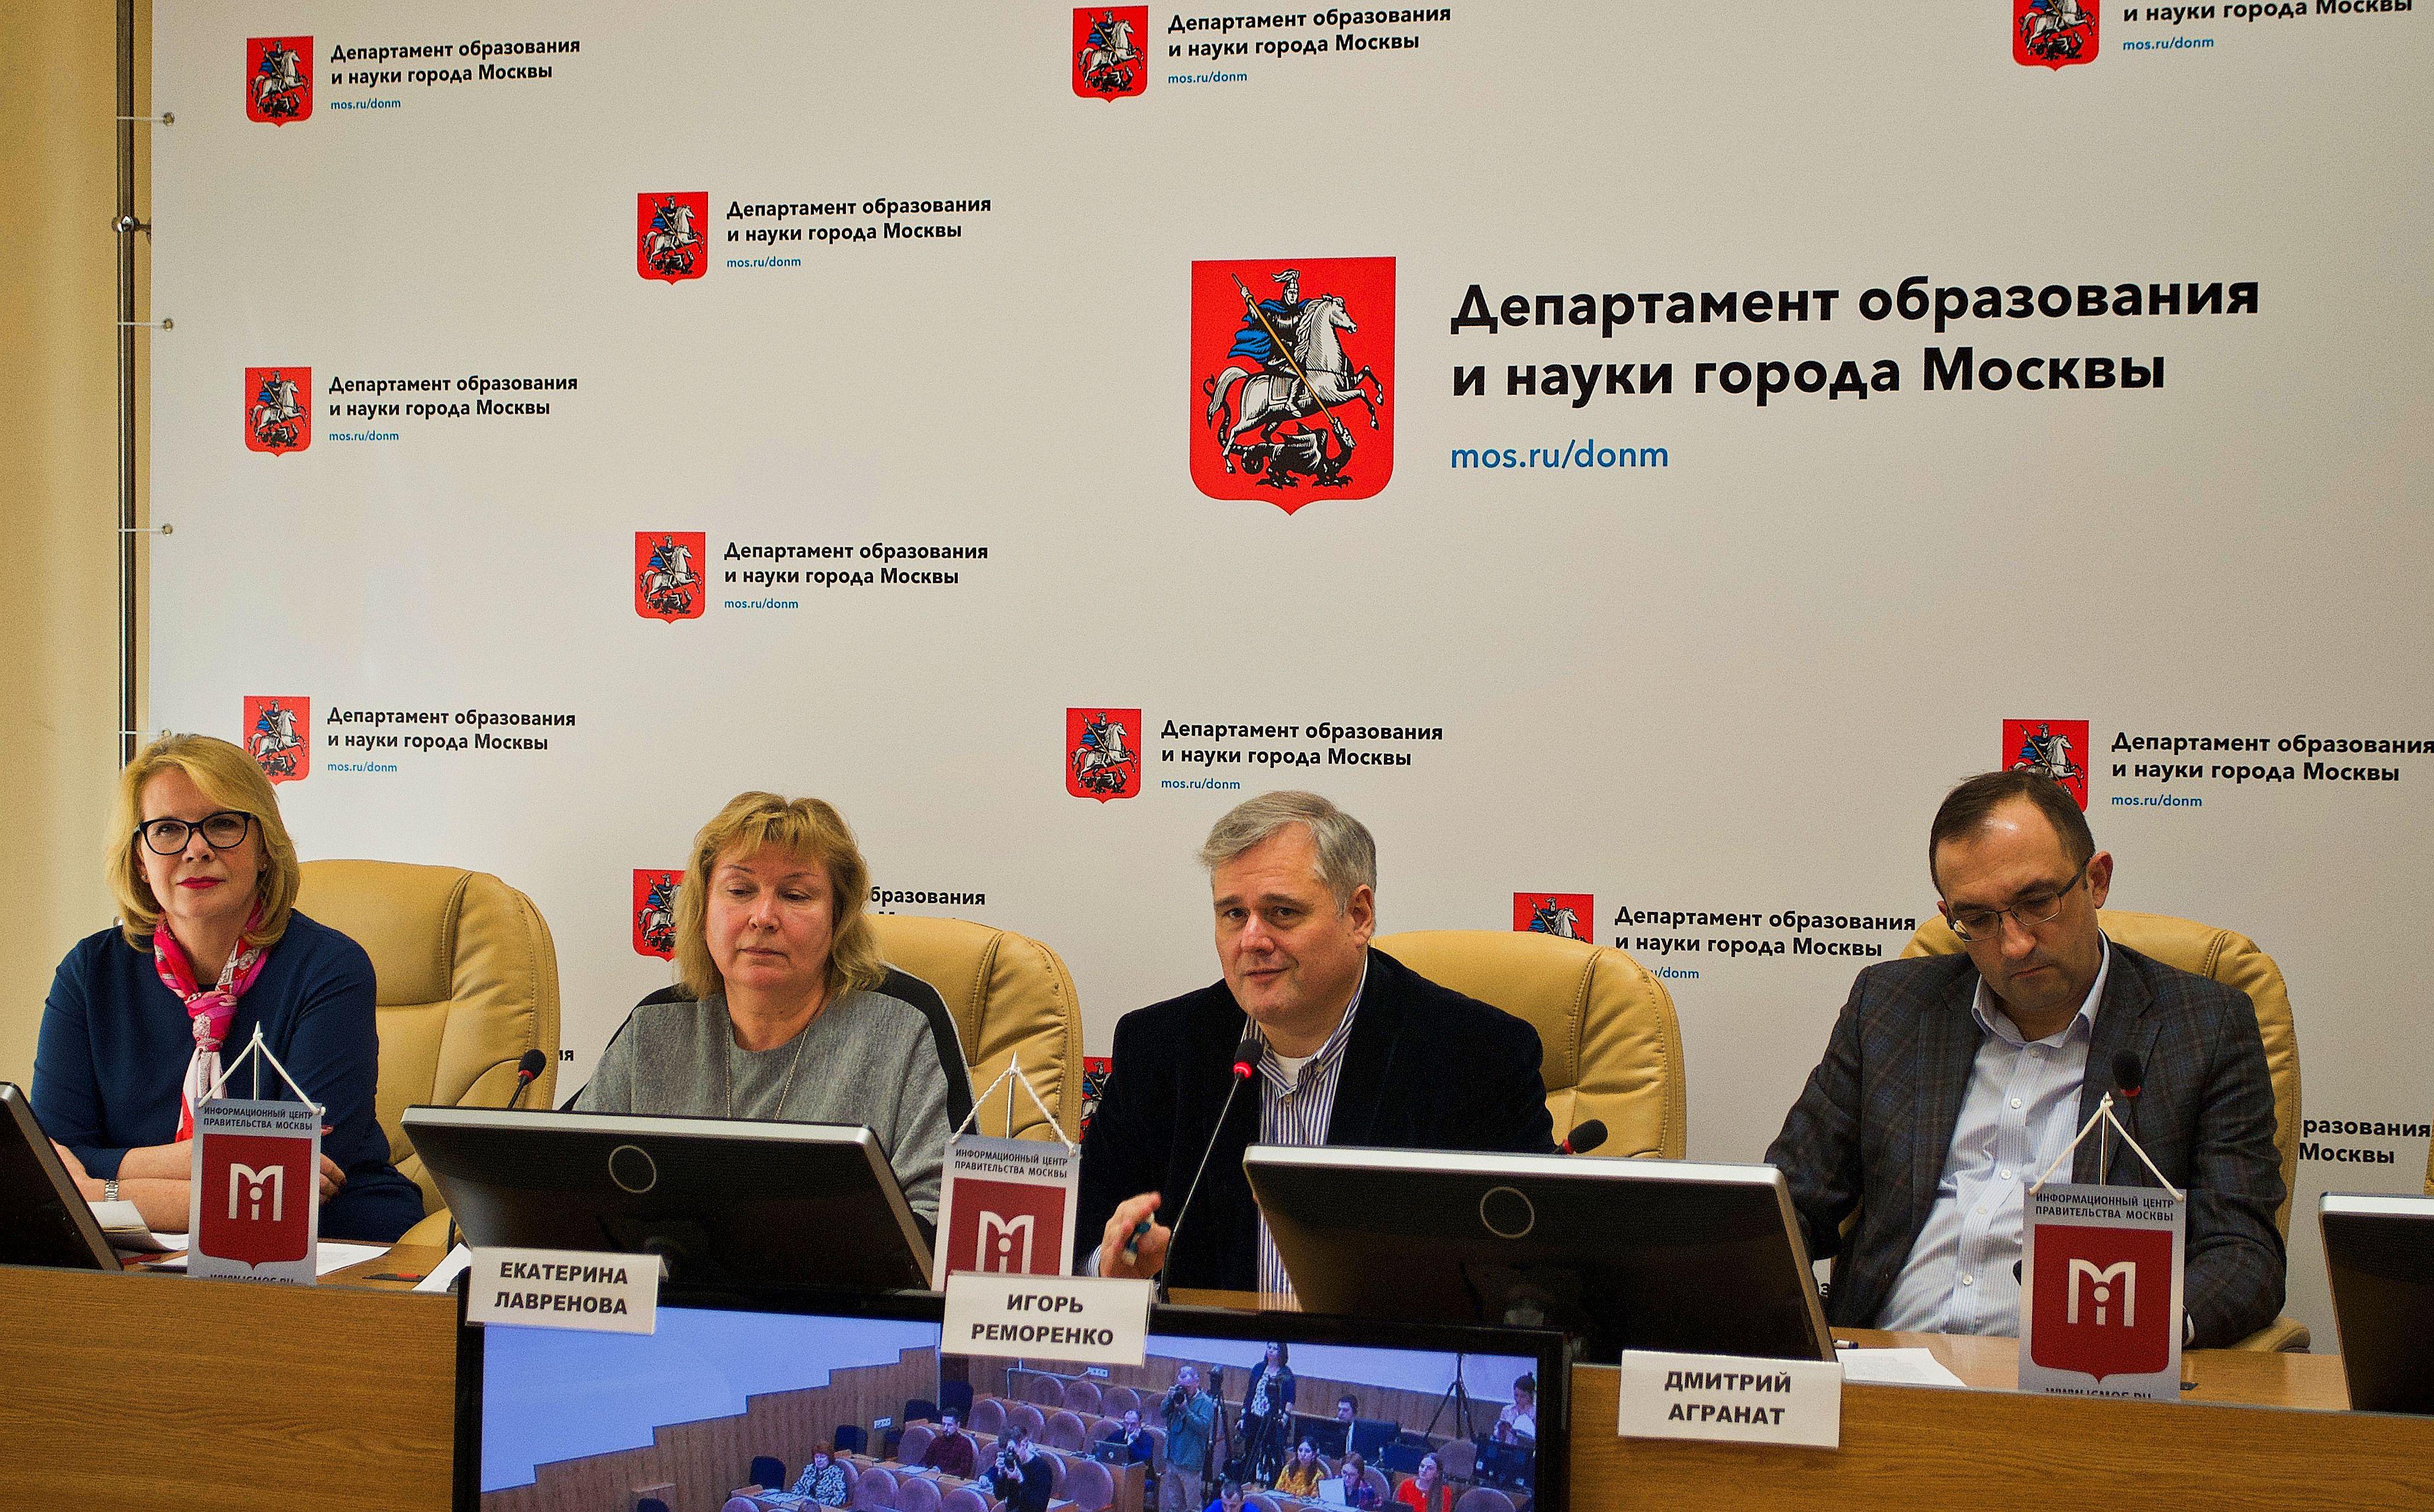 Пресс-конференция о новых технологиях обучения студентов прошла в Департаменте образования